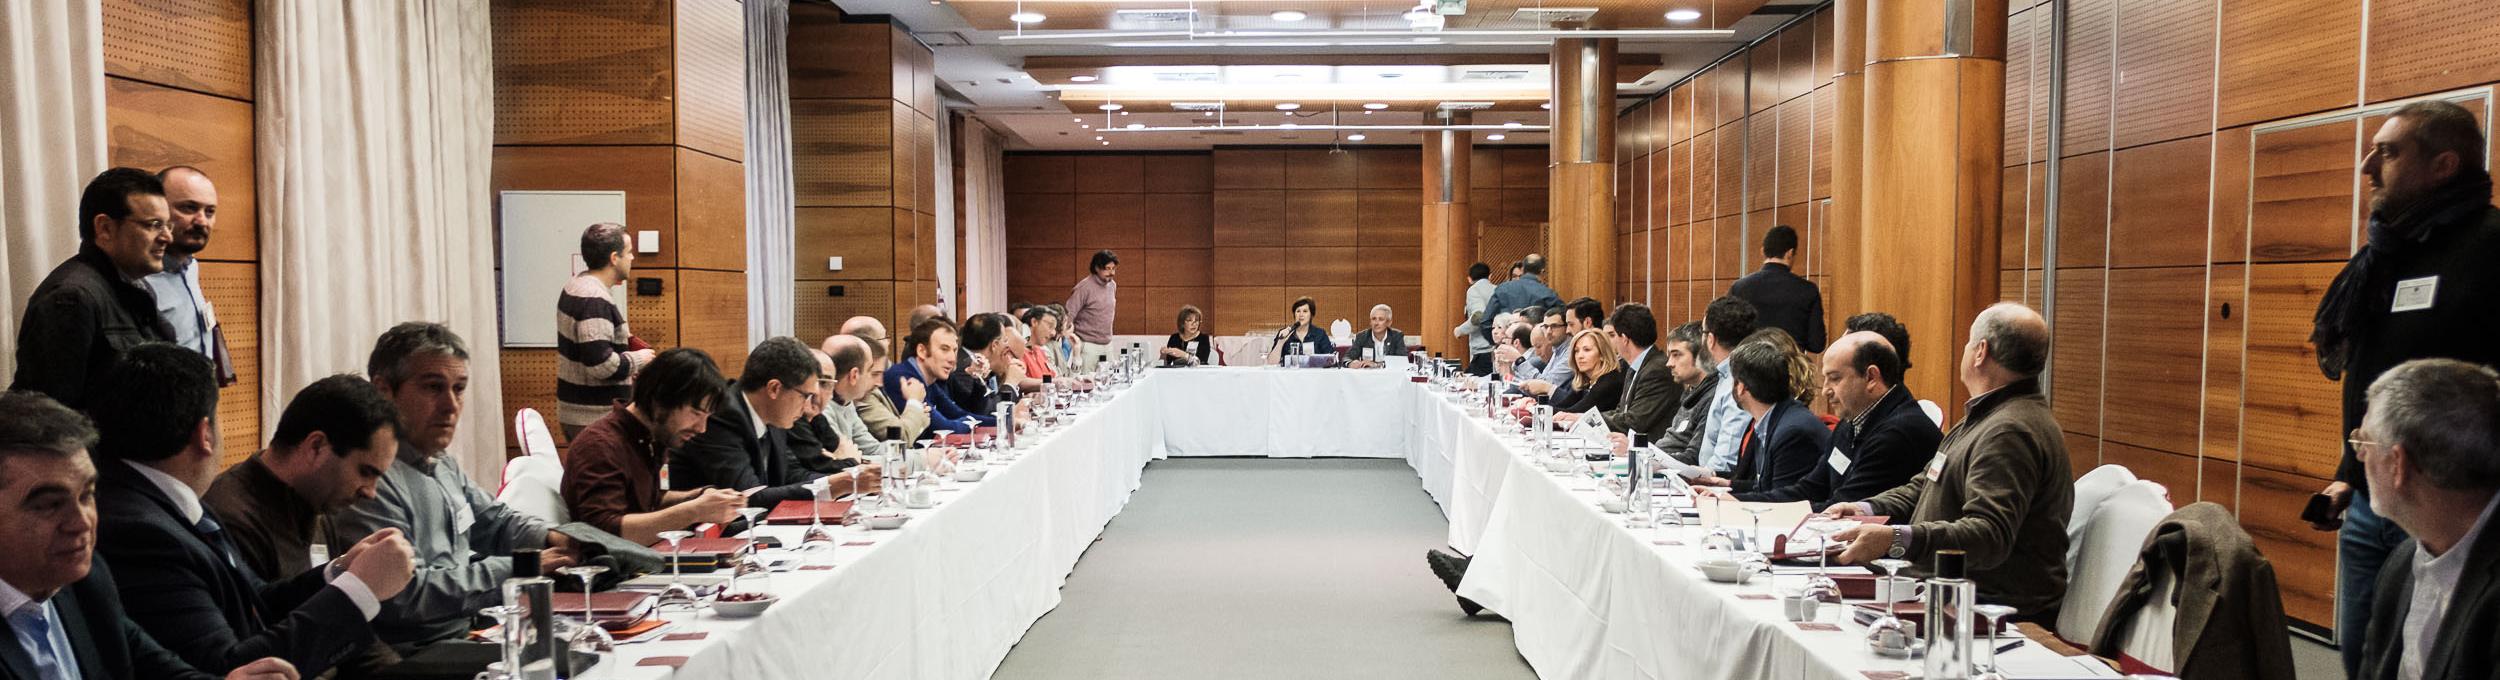 BNI Aurrera Araba - Networking en Vitoria-Gasteiz